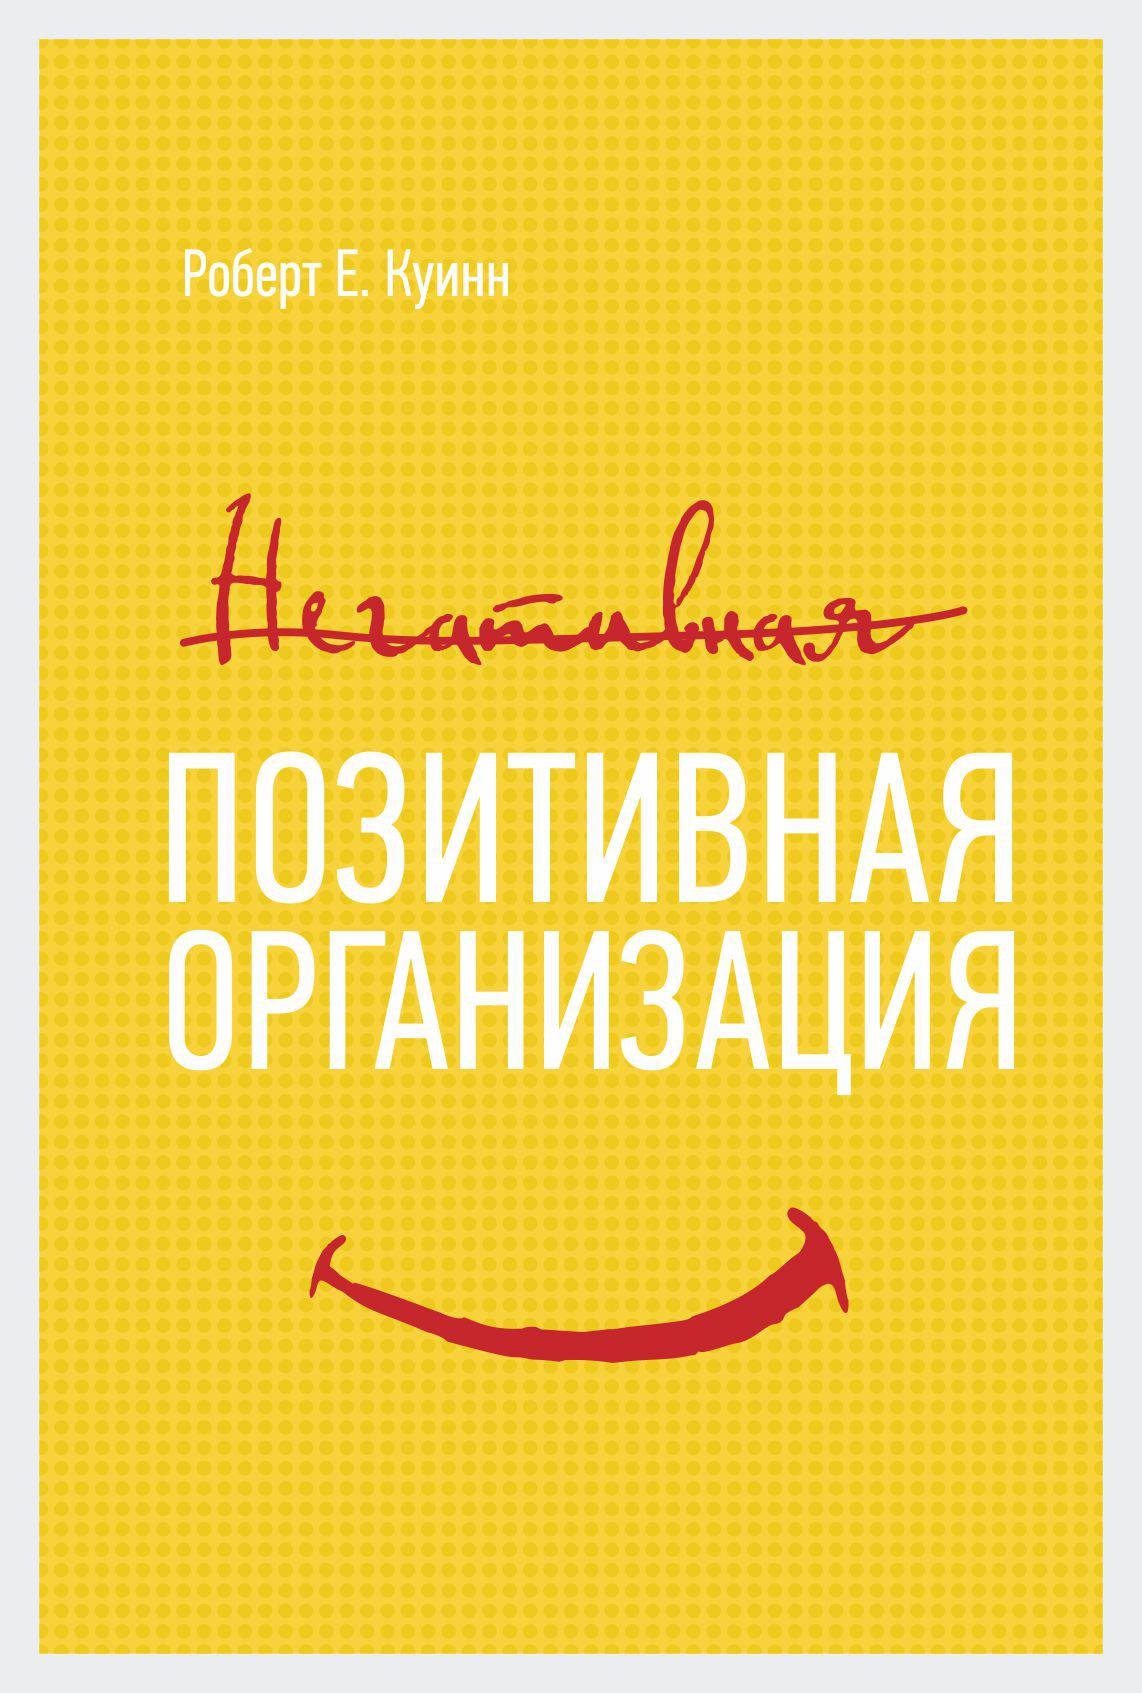 Обложка книги Позитивная организация